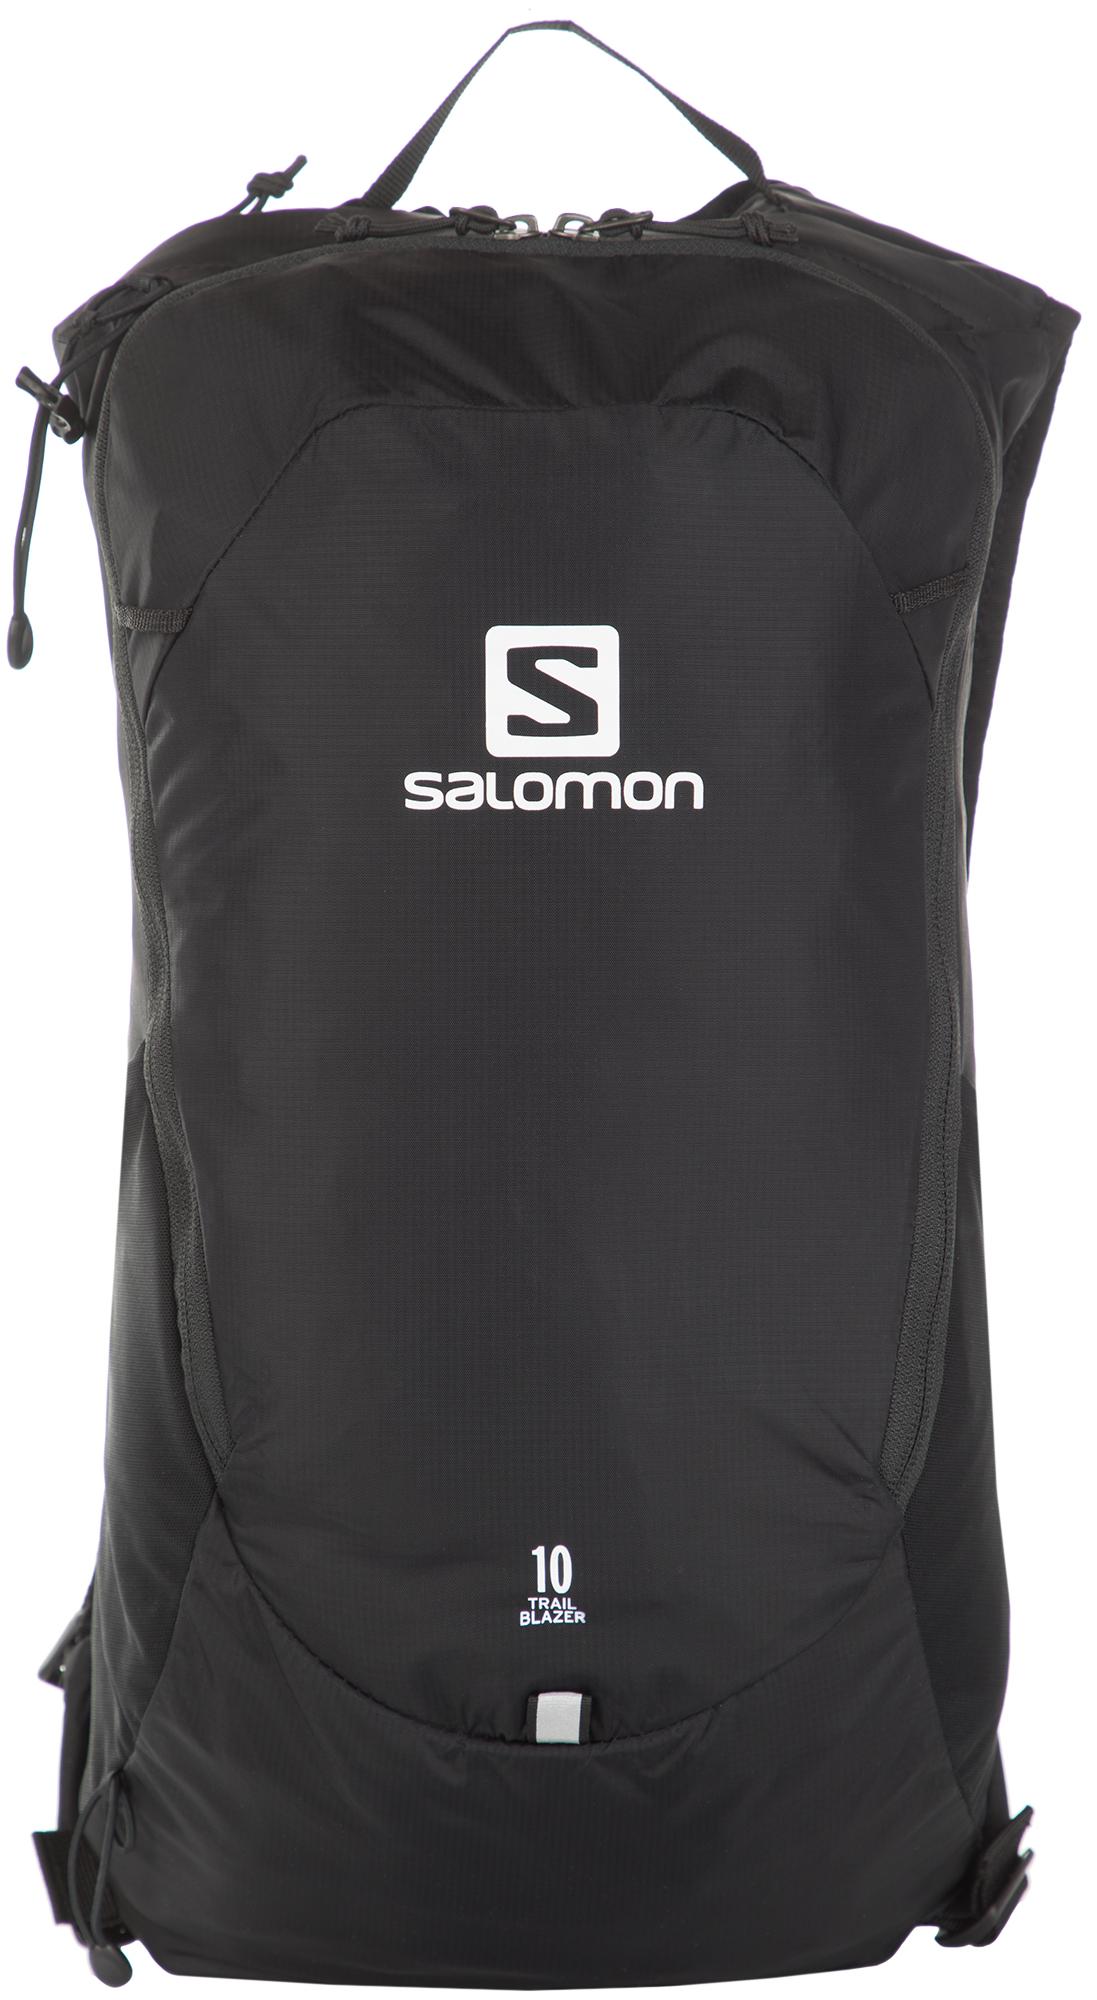 Salomon Рюкзак Salomon Trailblazer 10